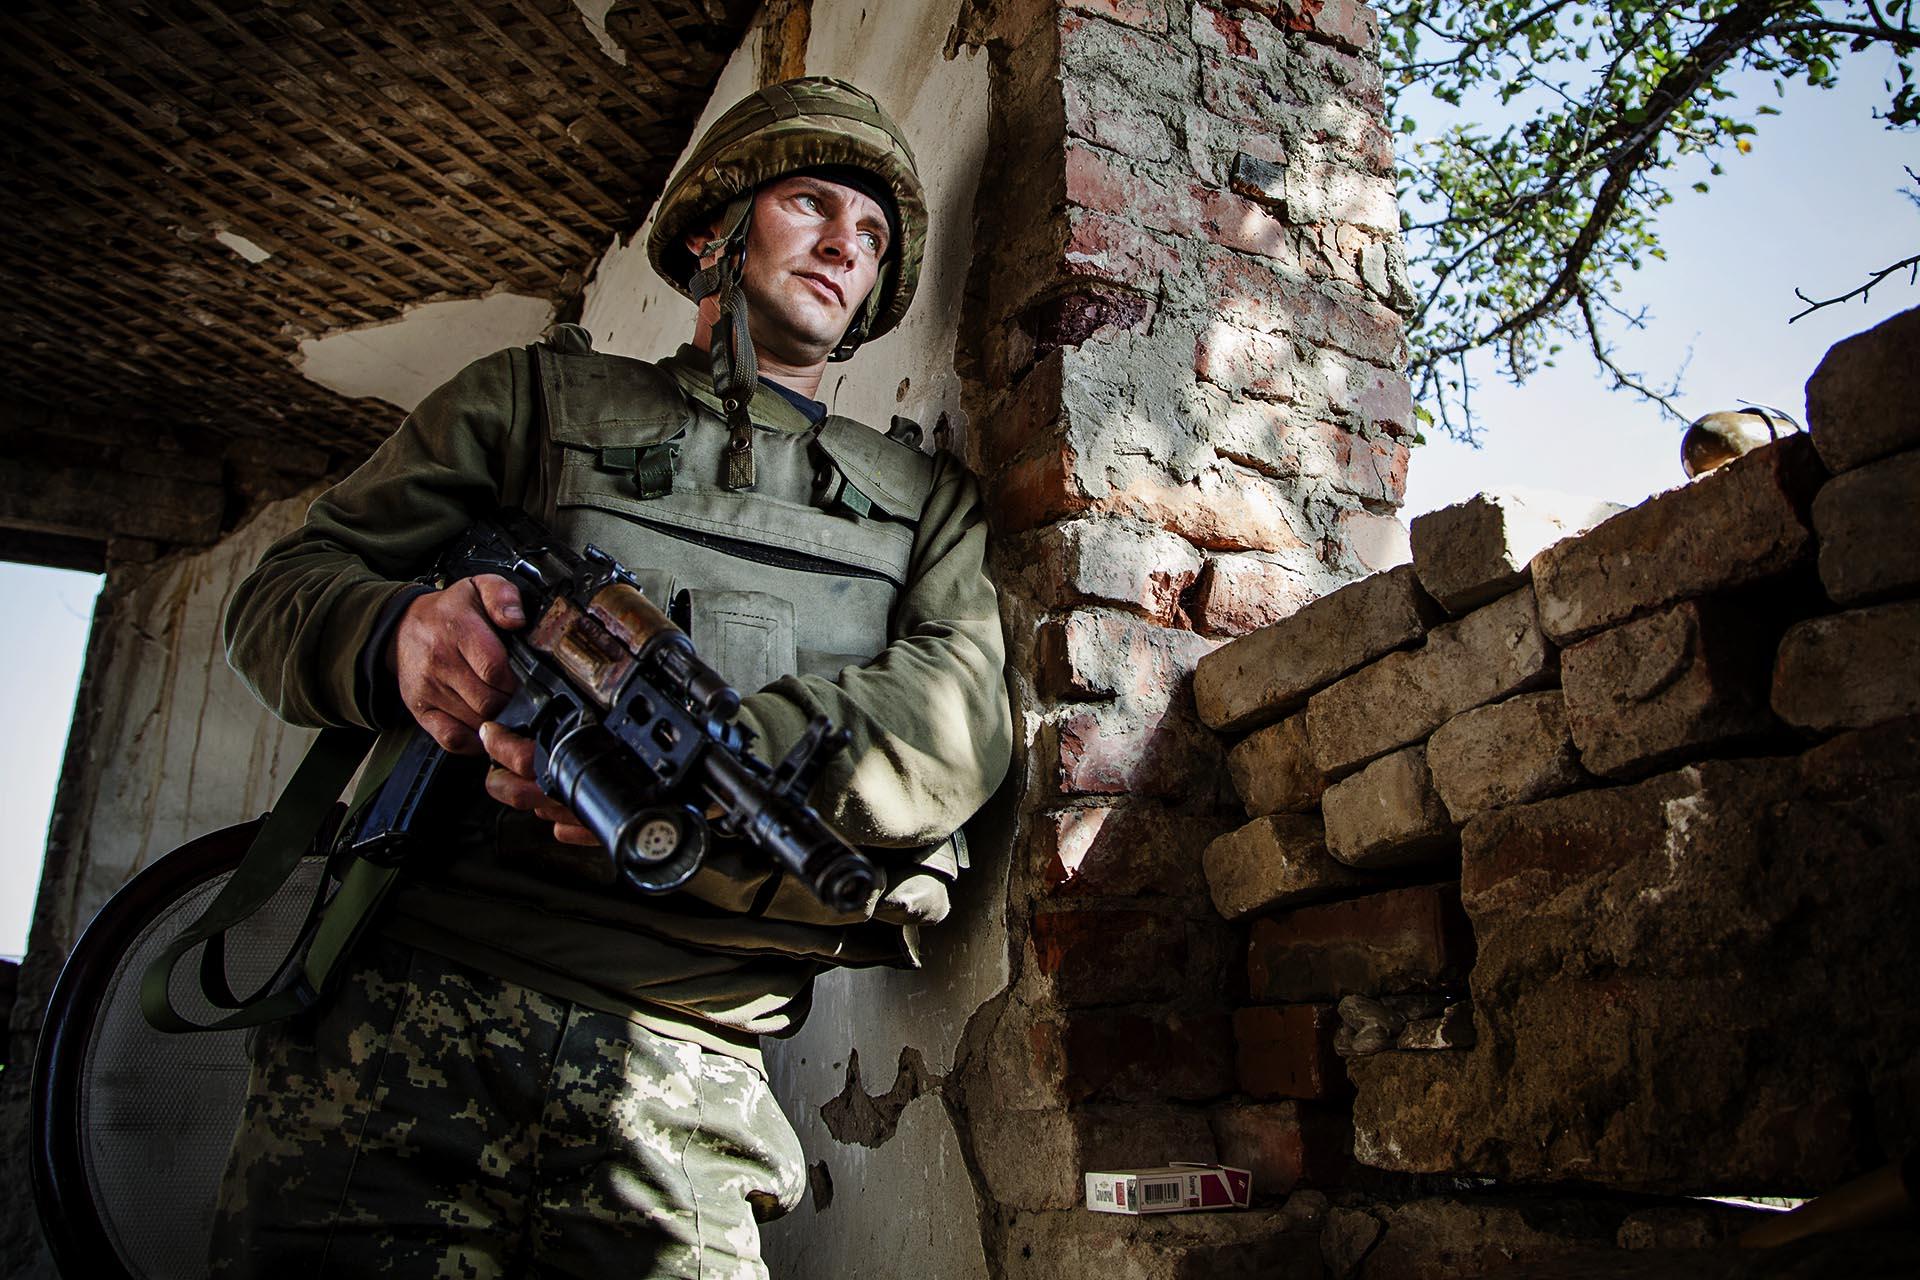 Salvo incidentes aislados, los acuerdos de Minsk han logrado pacificar la zona, aunque no resolver el conflicto / (Artemovsk).